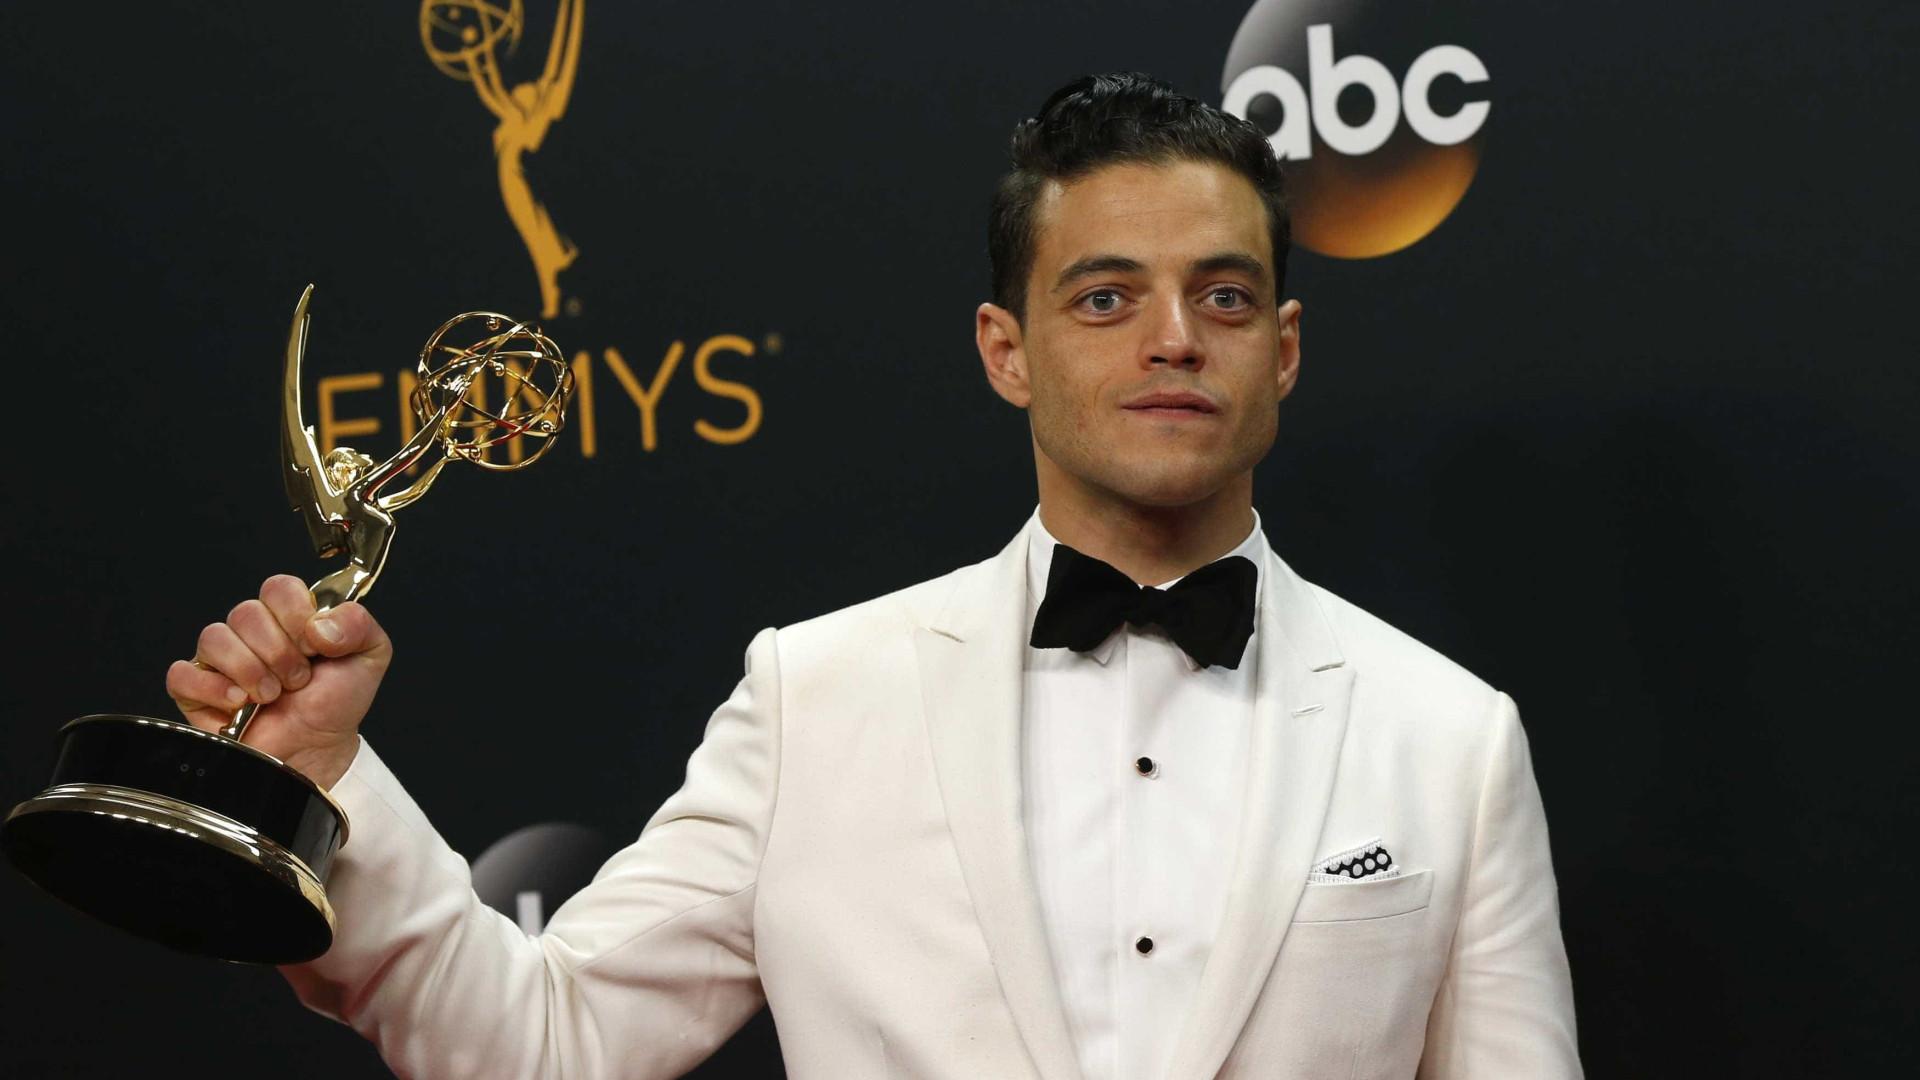 Fontes afirmam que Rami Malek mantém uma relação com Lucy Boynton